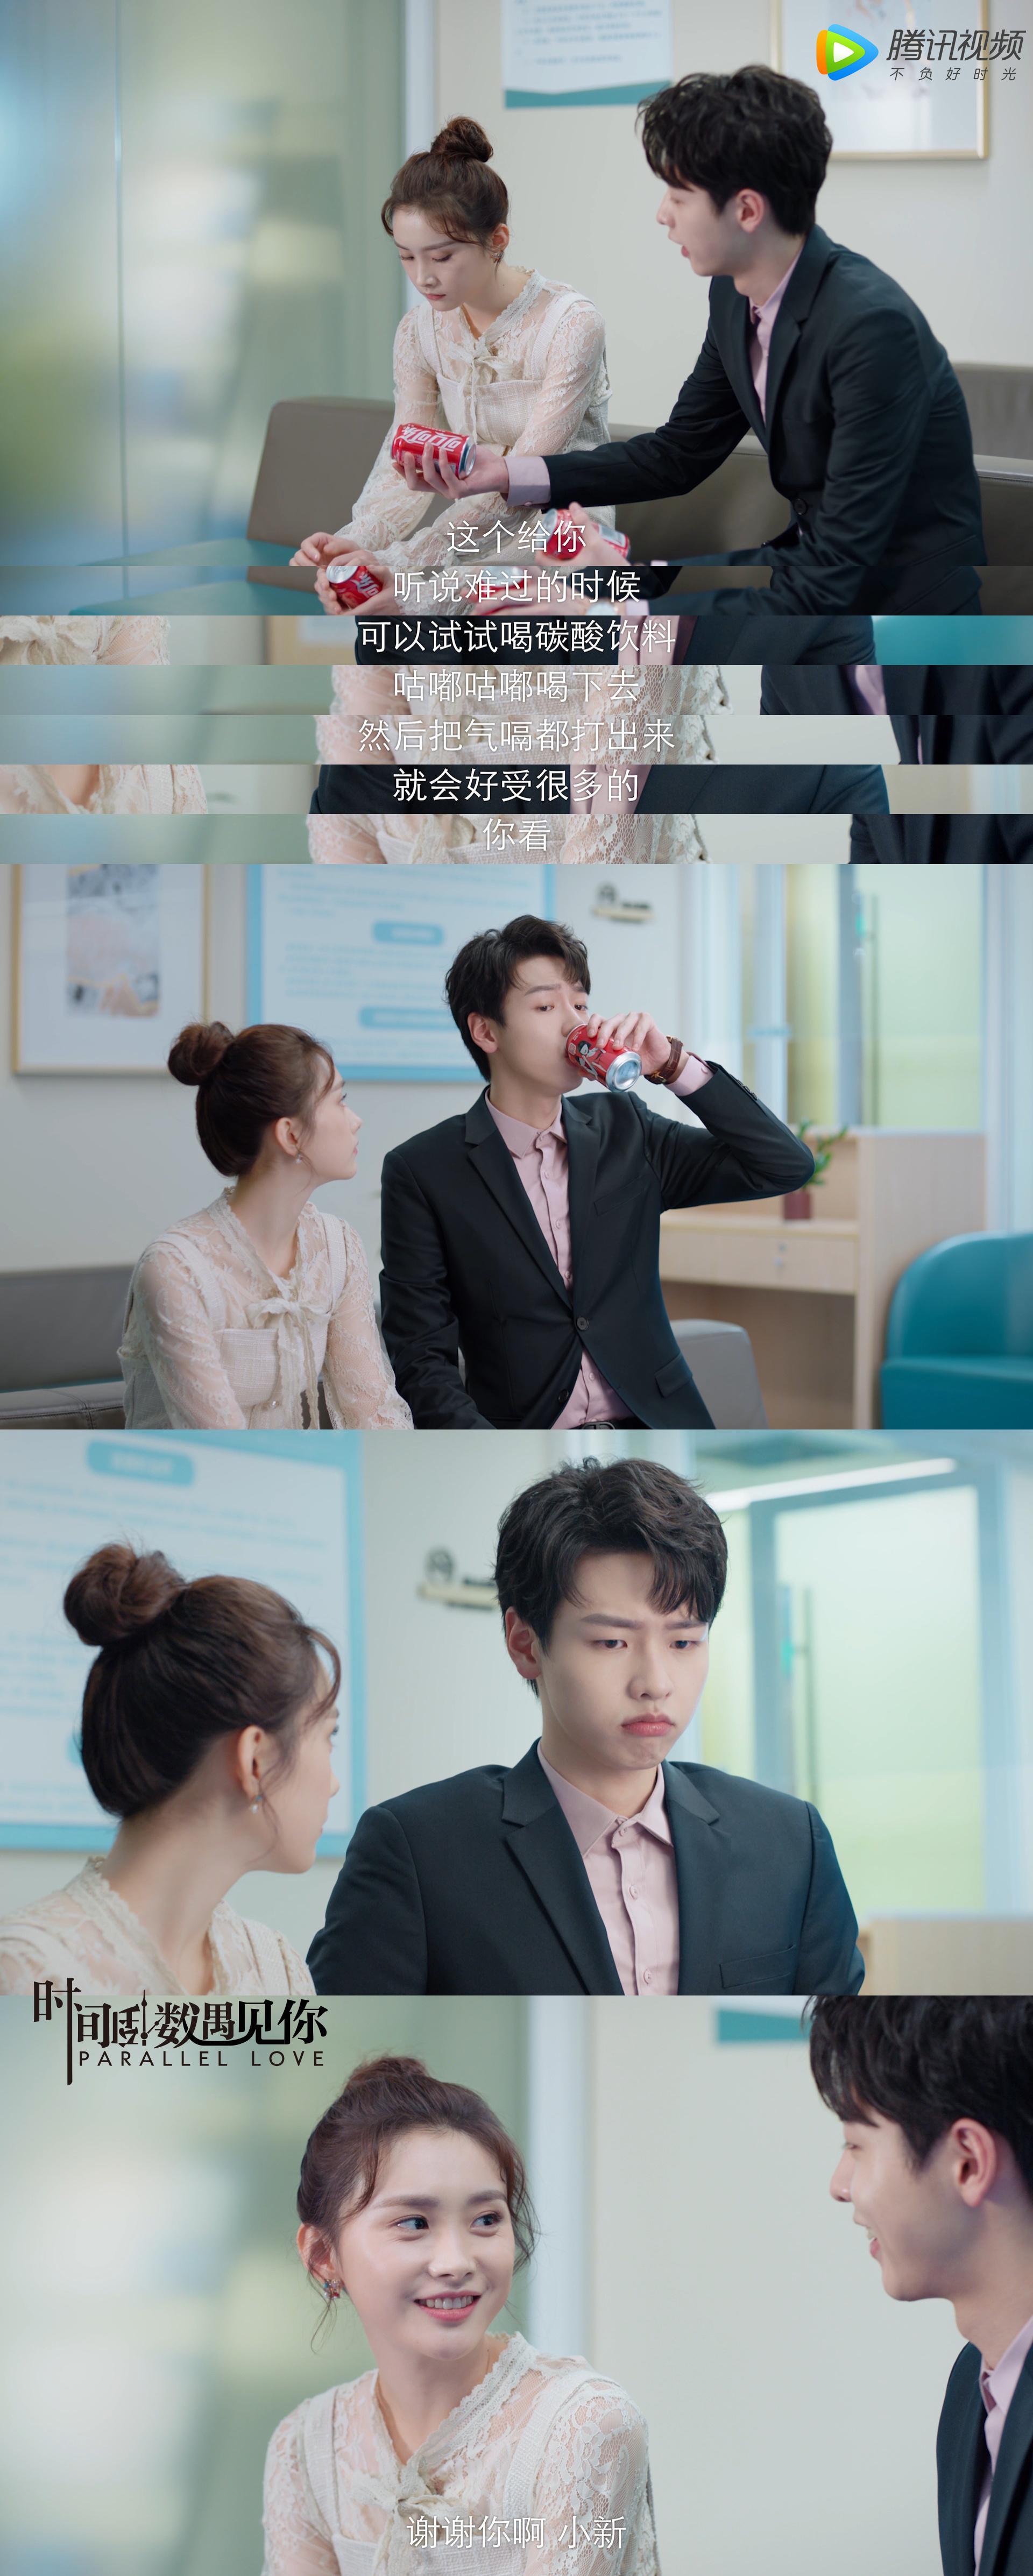 赵总监@王嵛Yu 每一次不开心都有小新@任胤菘w 的安慰和陪伴